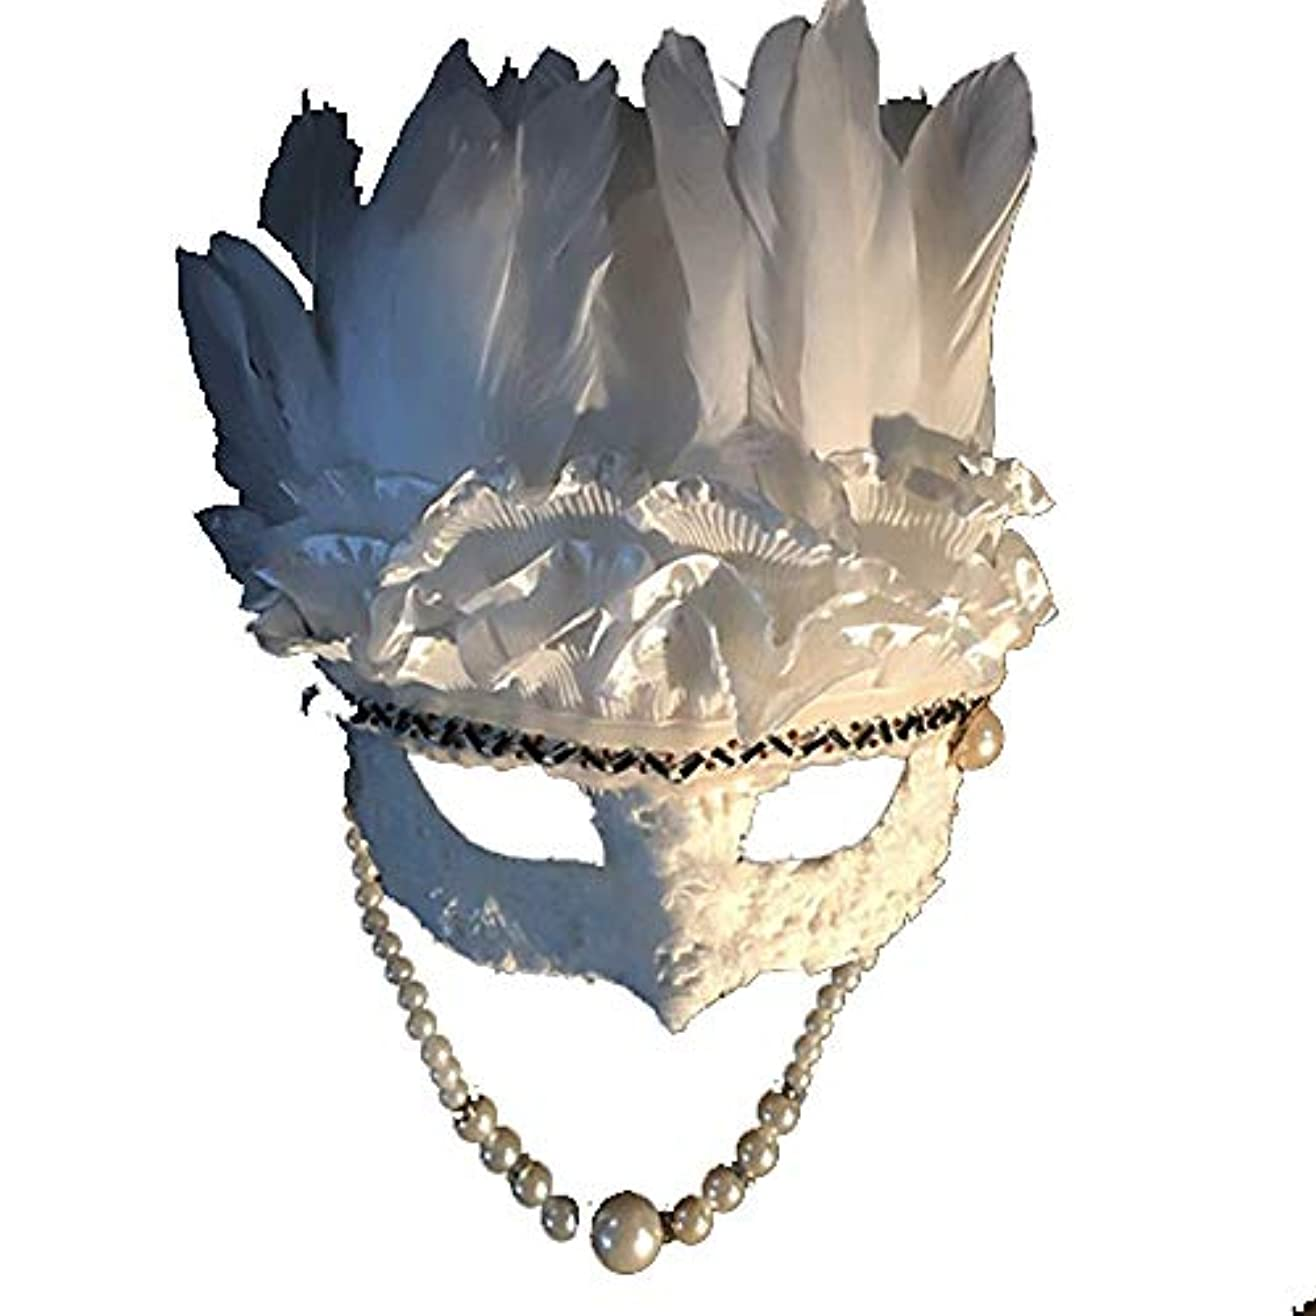 遡る航海十分にNanle ハロウィンクリスマスフェザースパンコール刺繍ビーズマスク仮装マスクレディミスプリンセス美容祭パーティーデコレーションマスク